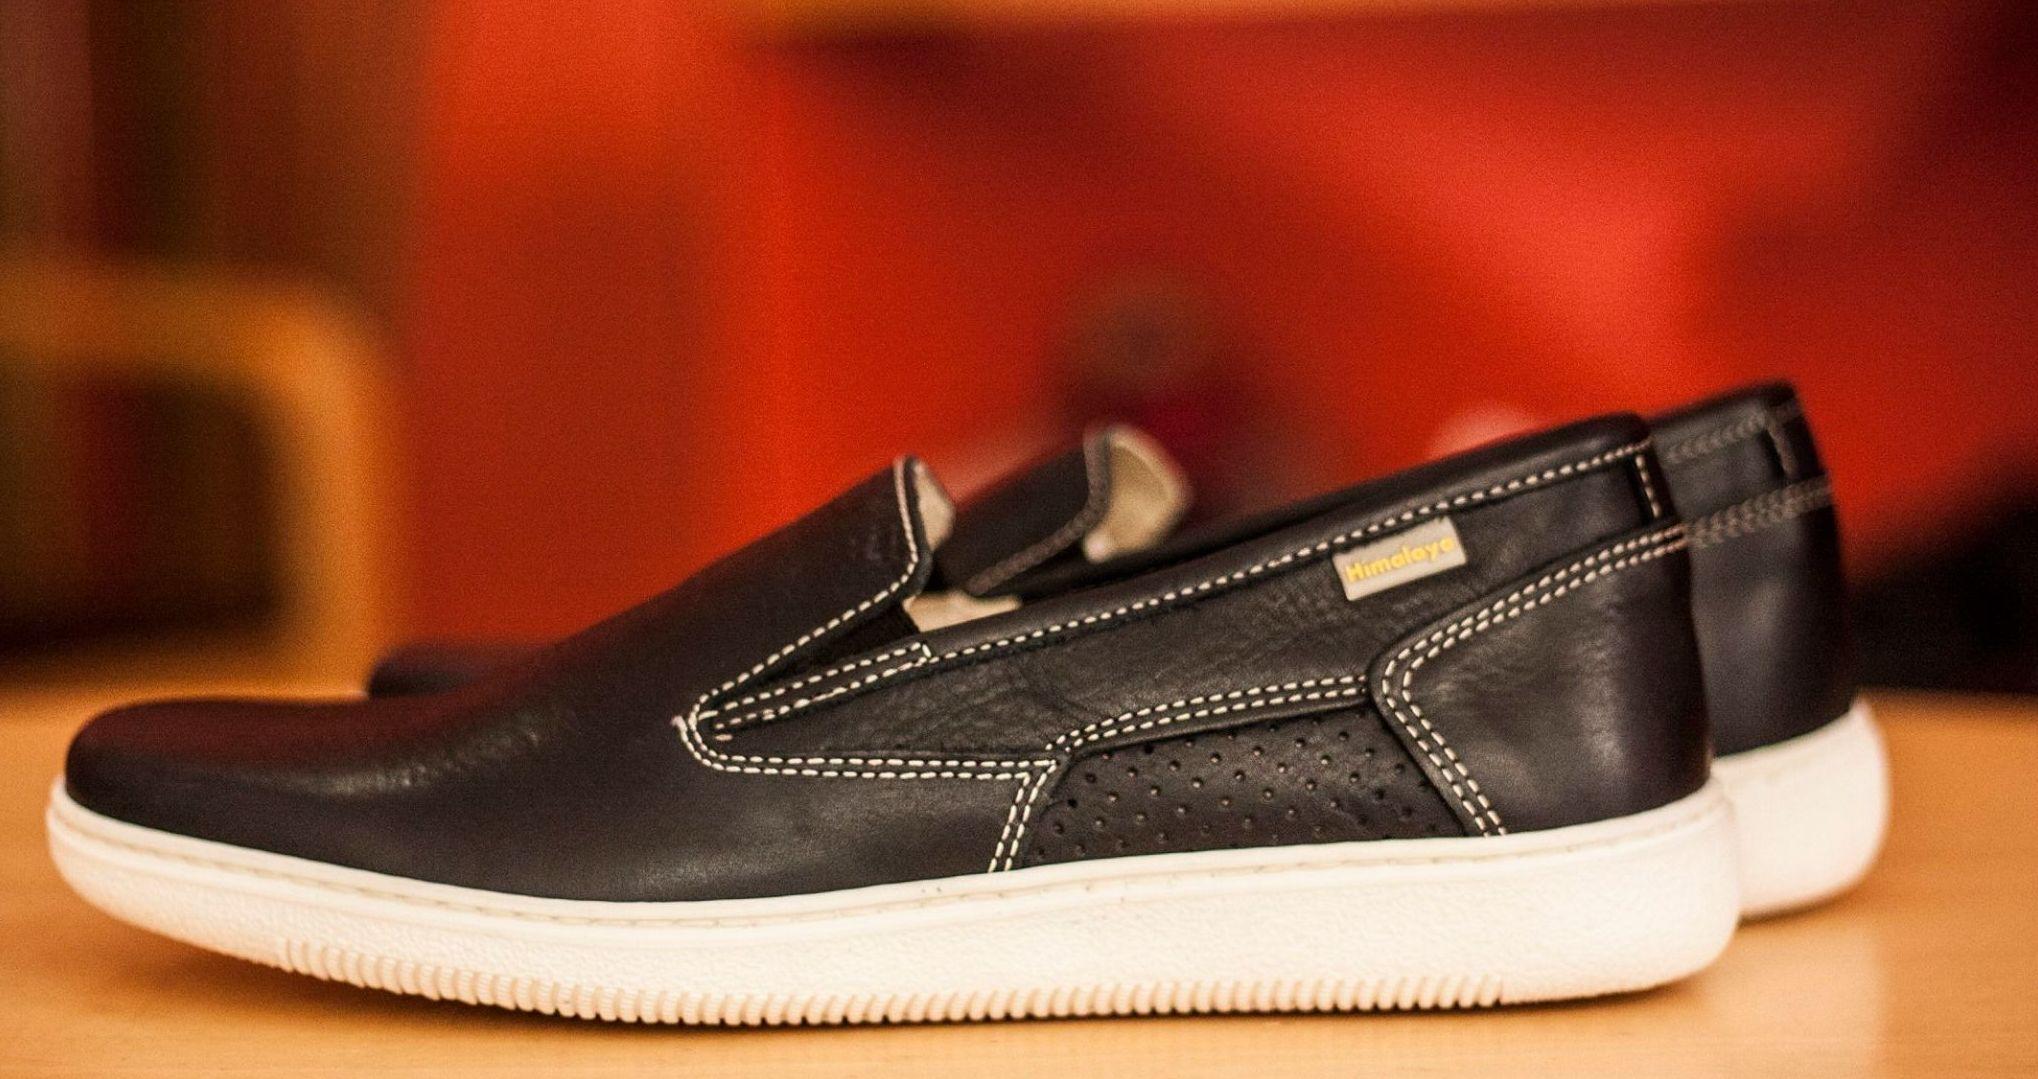 Zapatos cómodos y elegantes para caballero en Arteixo